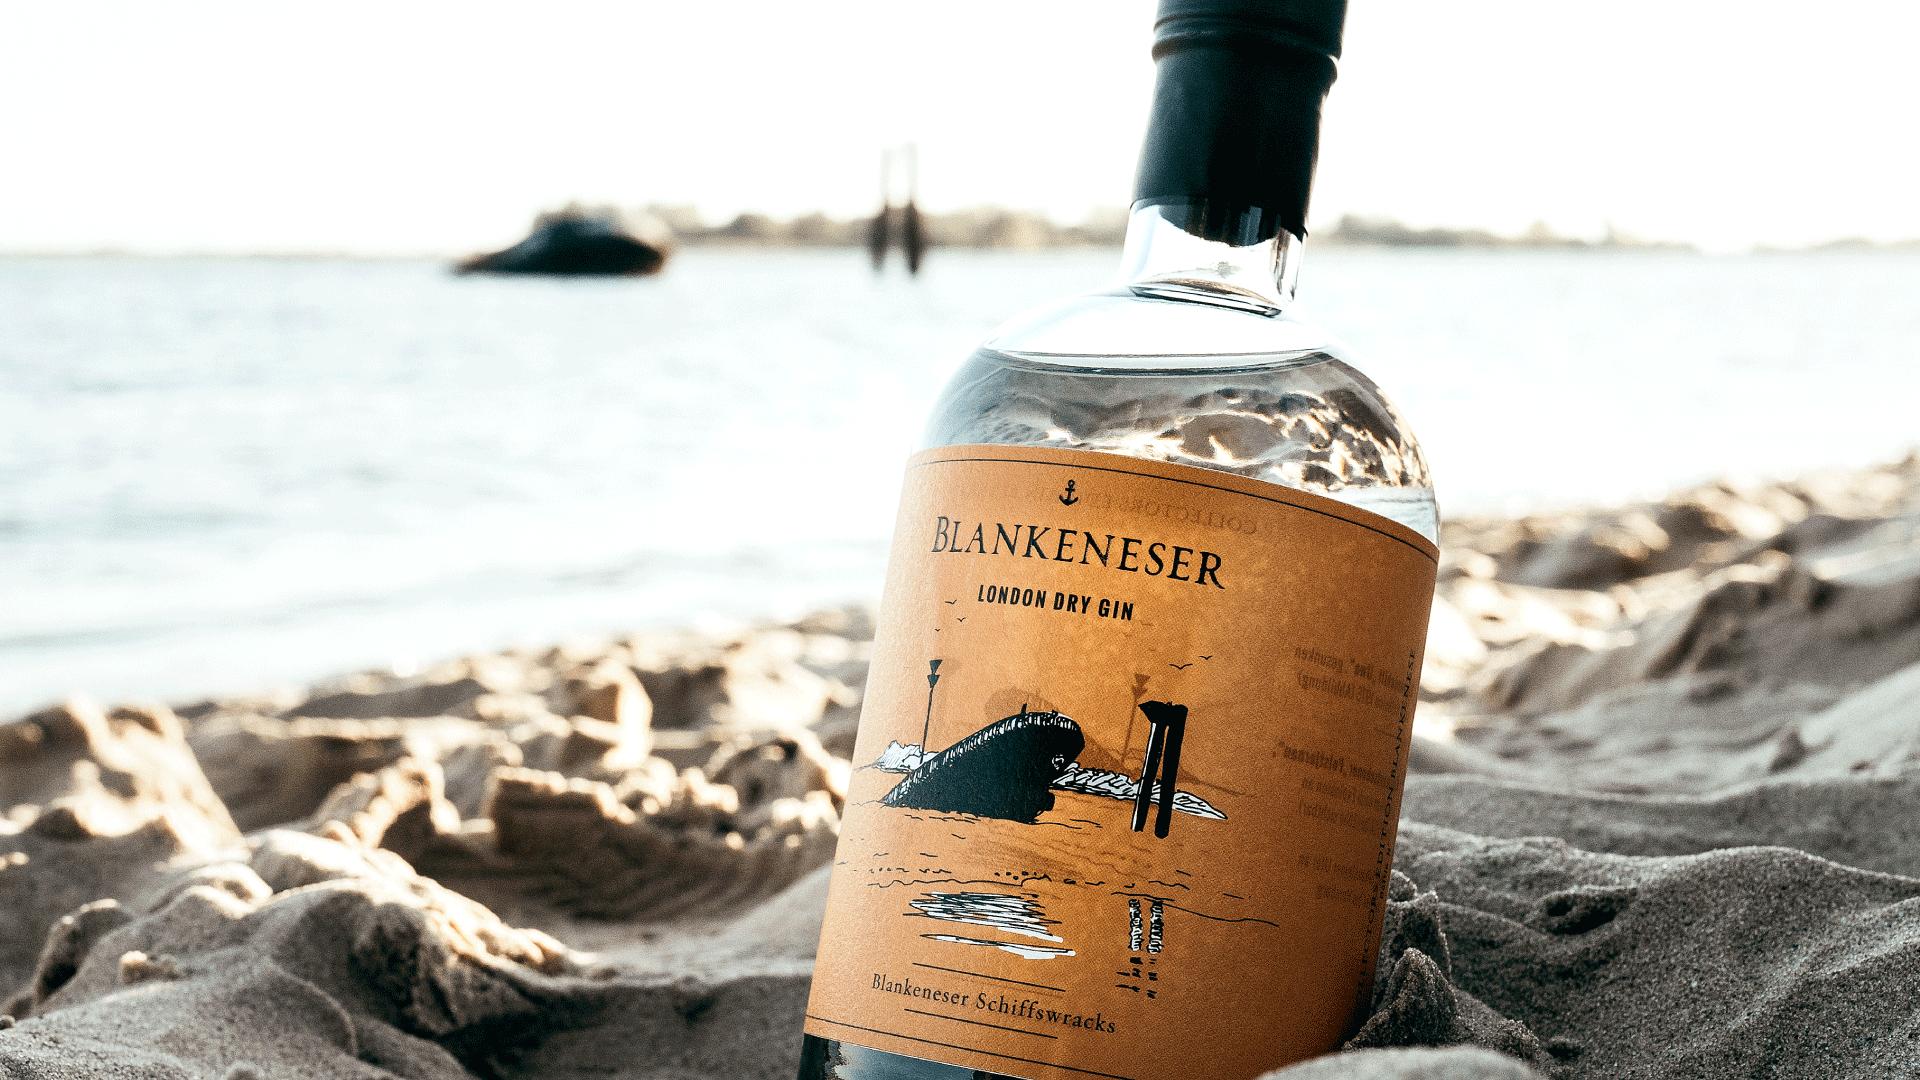 BLANKENESER Gin am Strand mit Schiffswrack